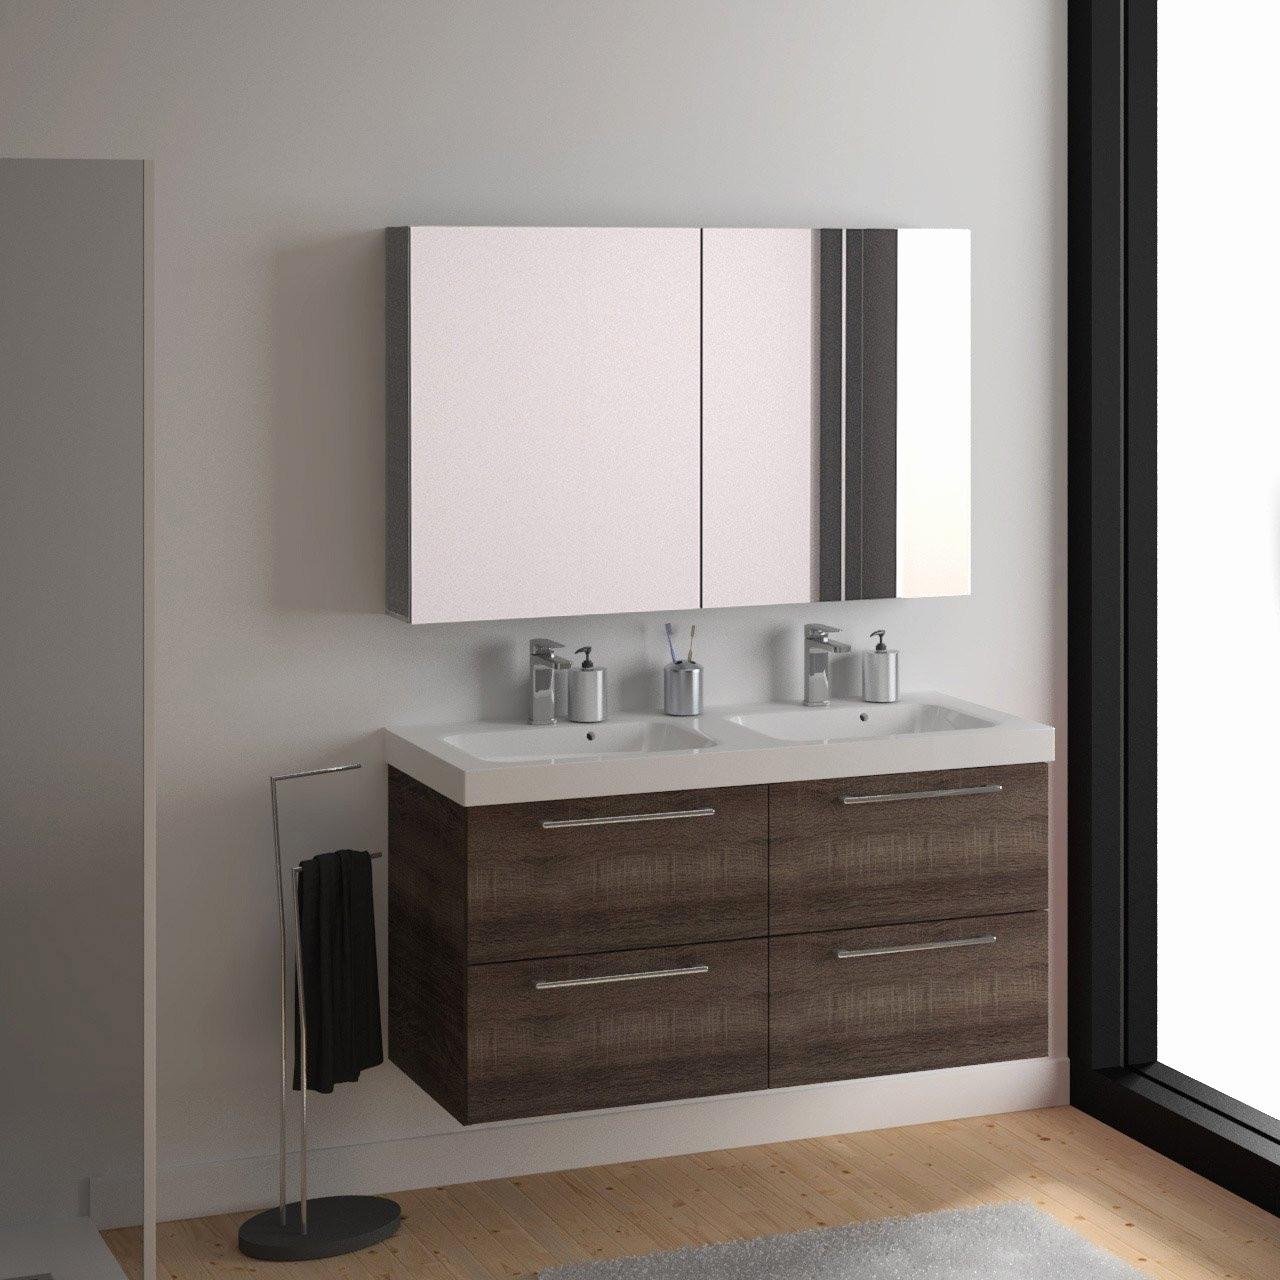 Meuble salle de bain d 39 angle avec vasque leroy merlin veranda - Meilleur meuble salle de bain ...